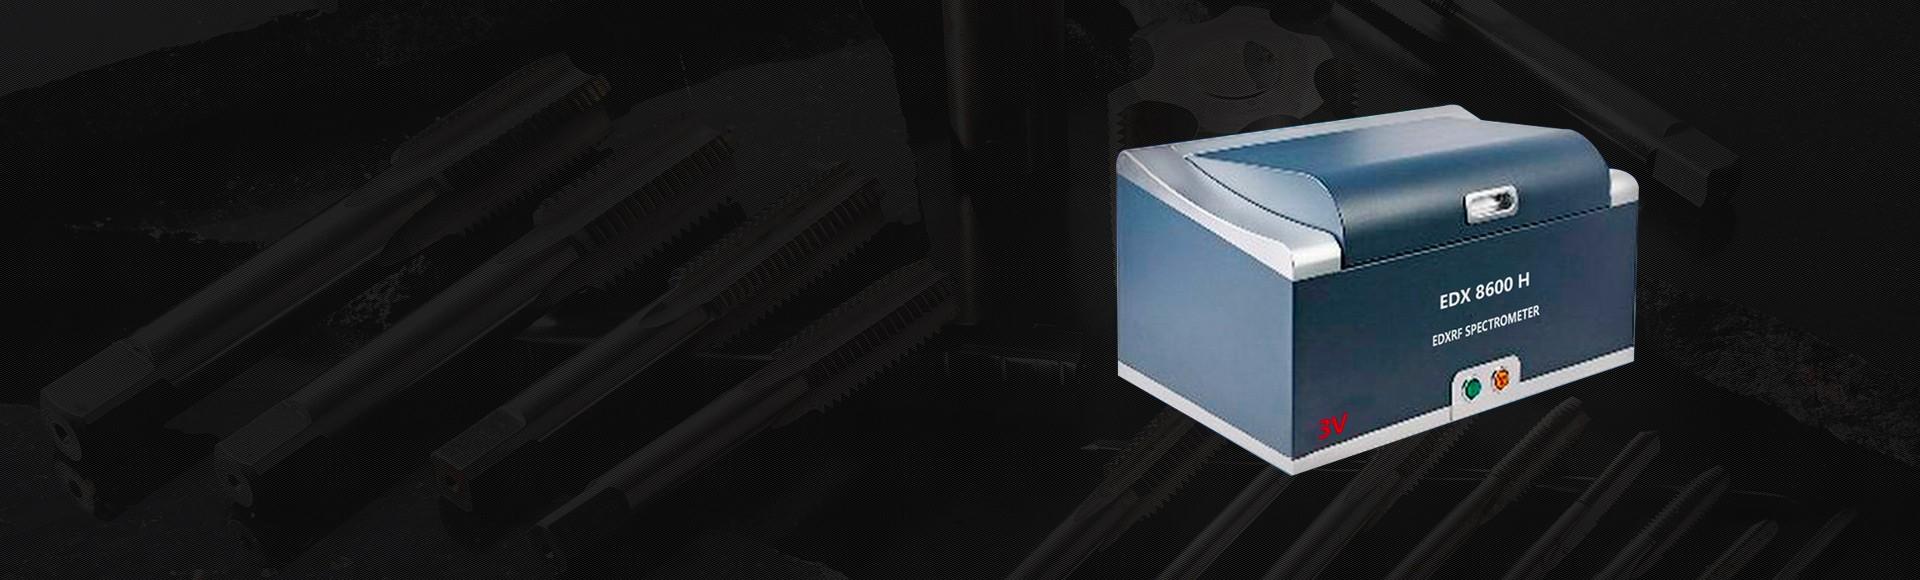 合金分析仪EDX8600H